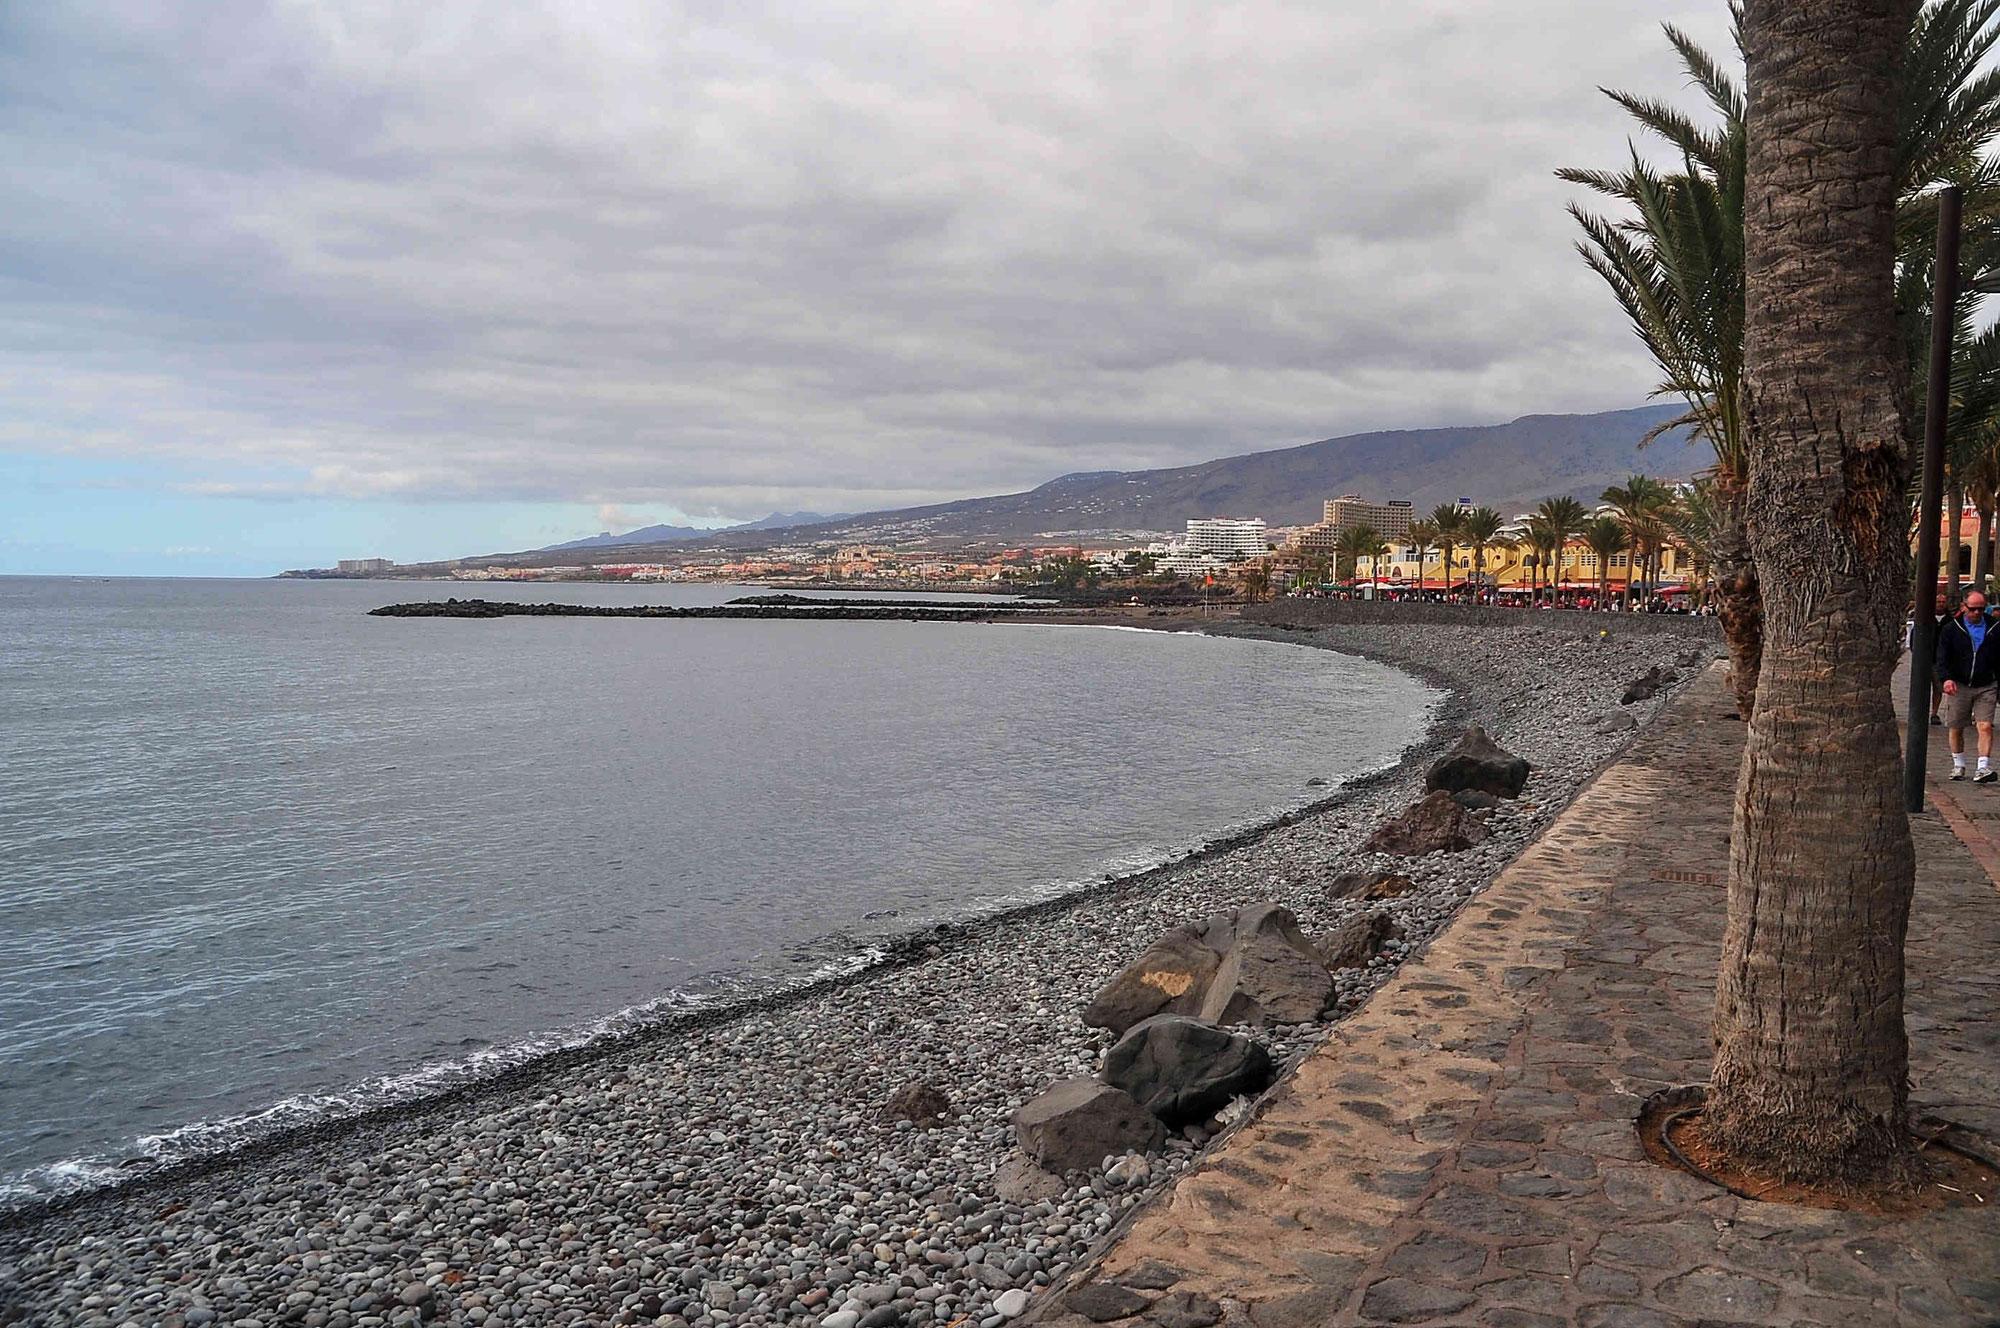 Oberste Gerichtshof der Kanarischen Inseln hebt 1G-Regel auf